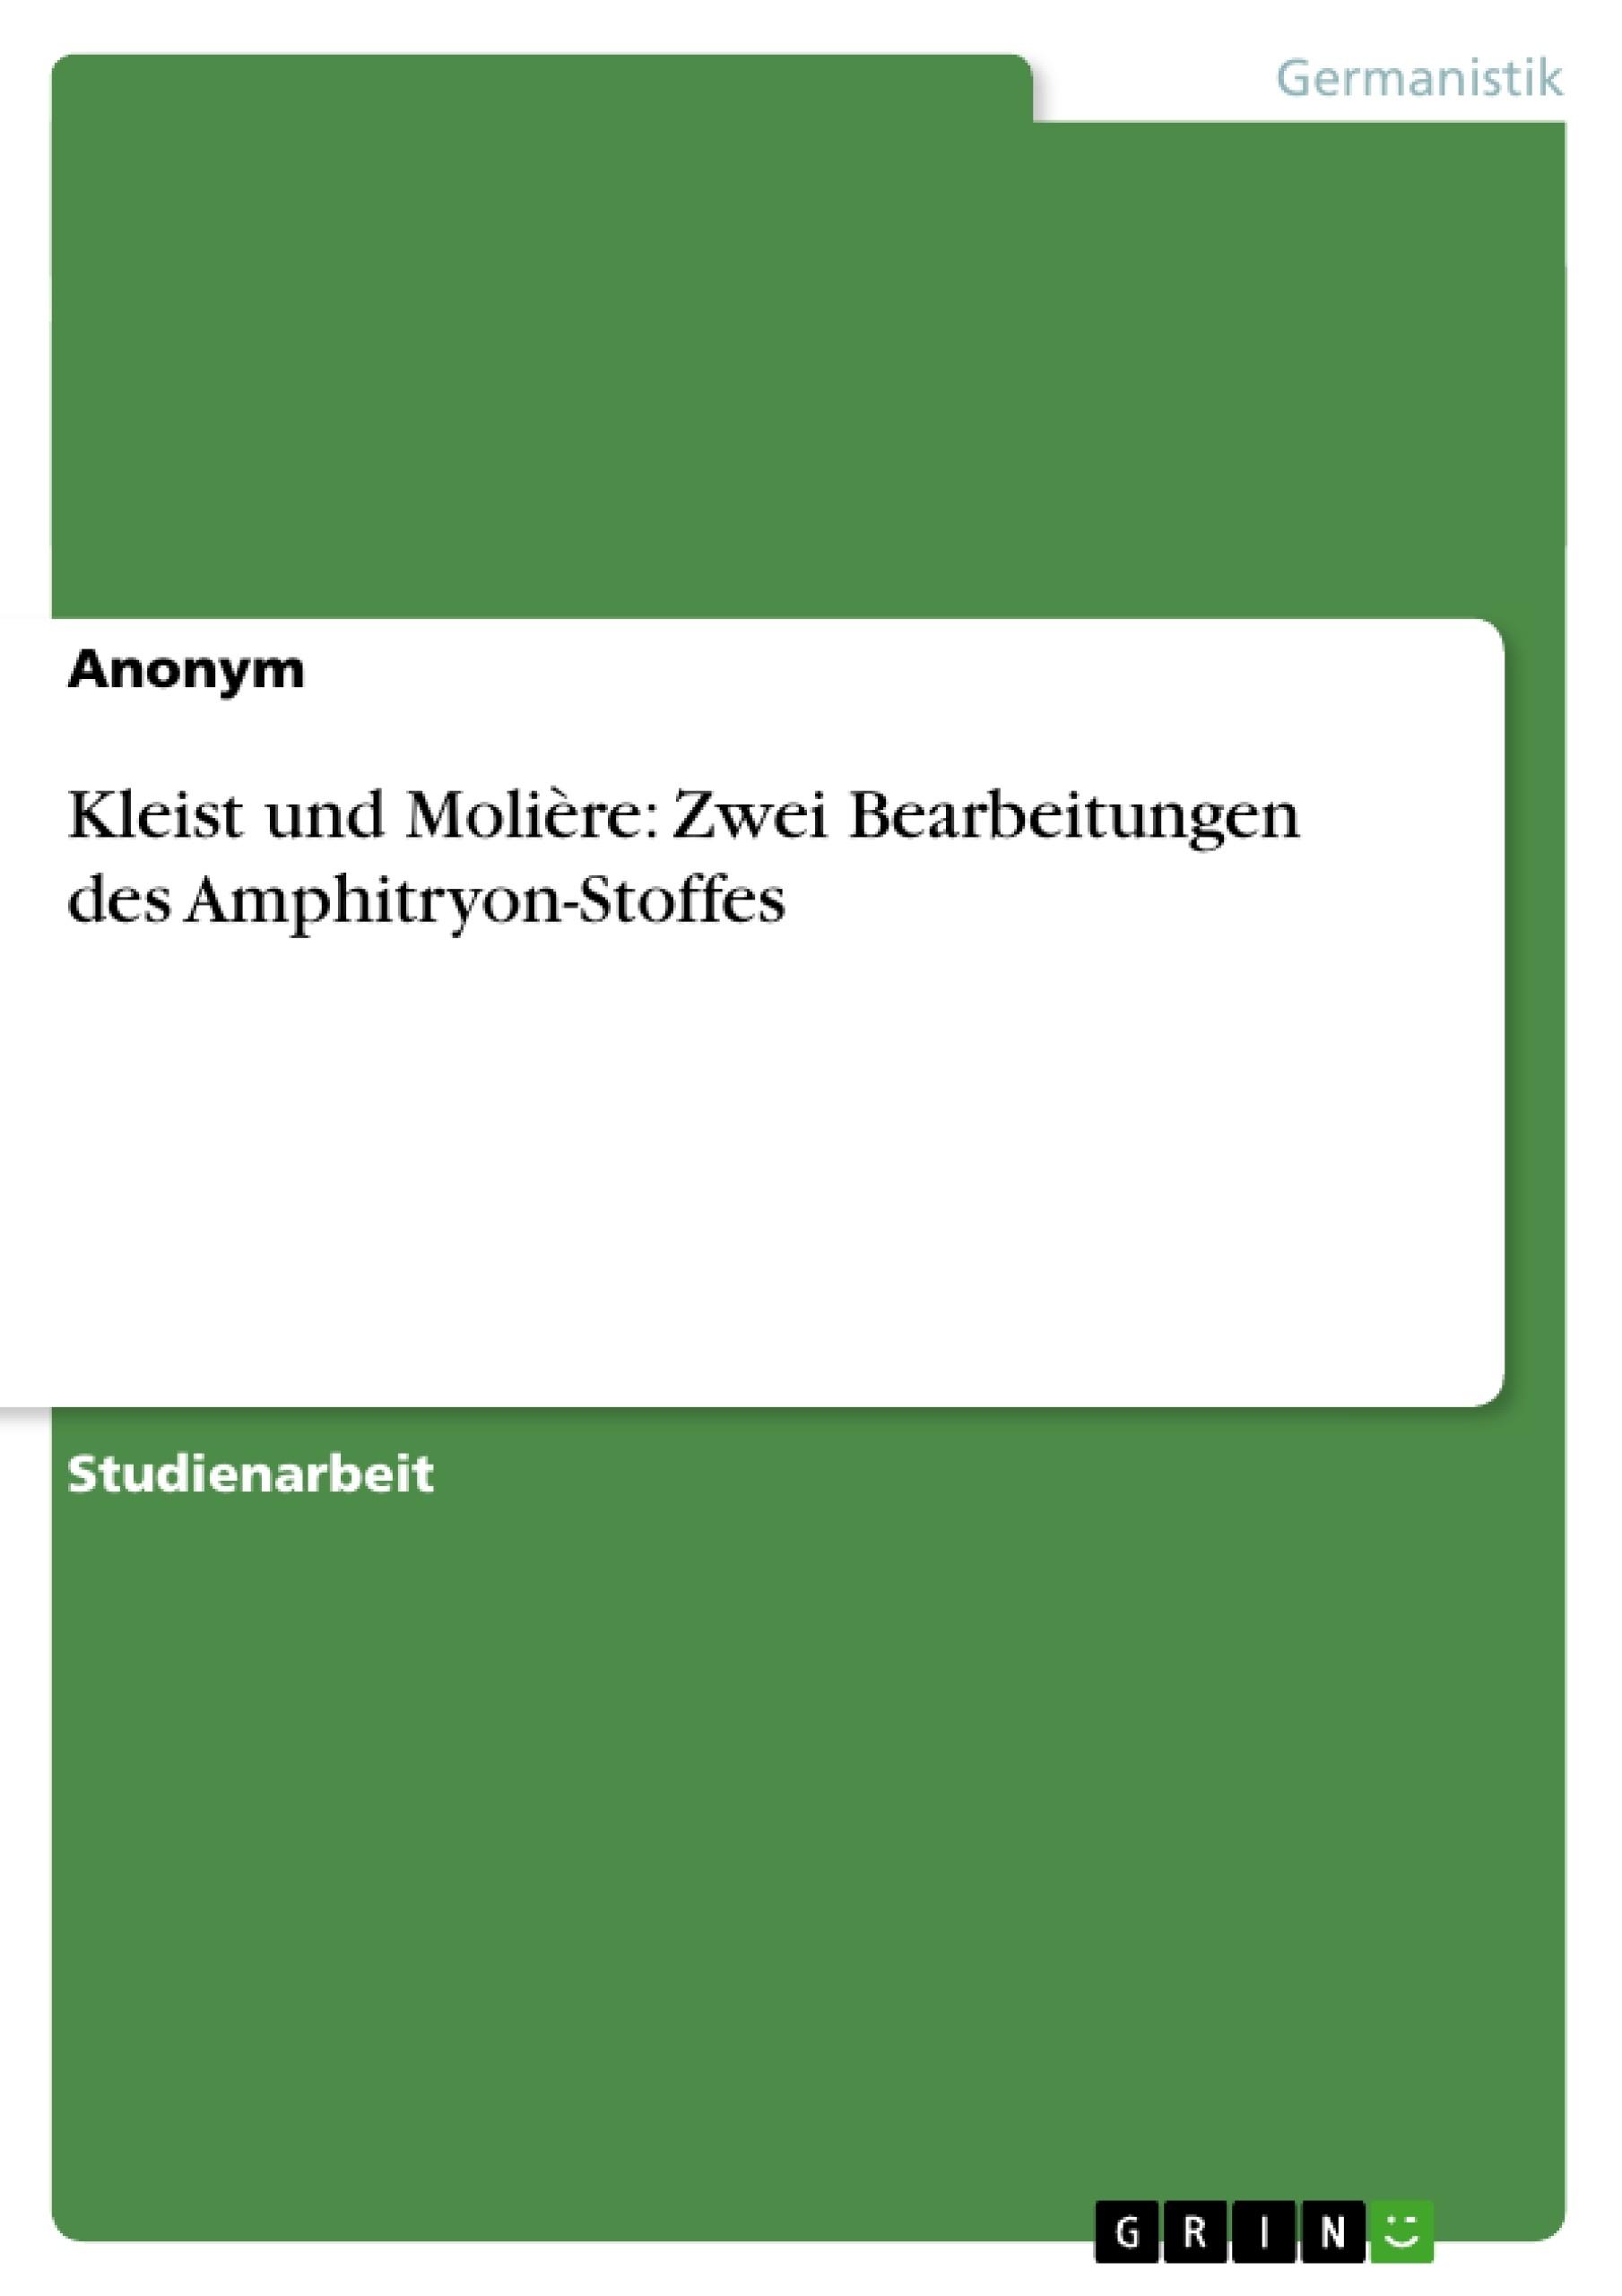 Titel: Kleist und Molière: Zwei Bearbeitungen des Amphitryon-Stoffes